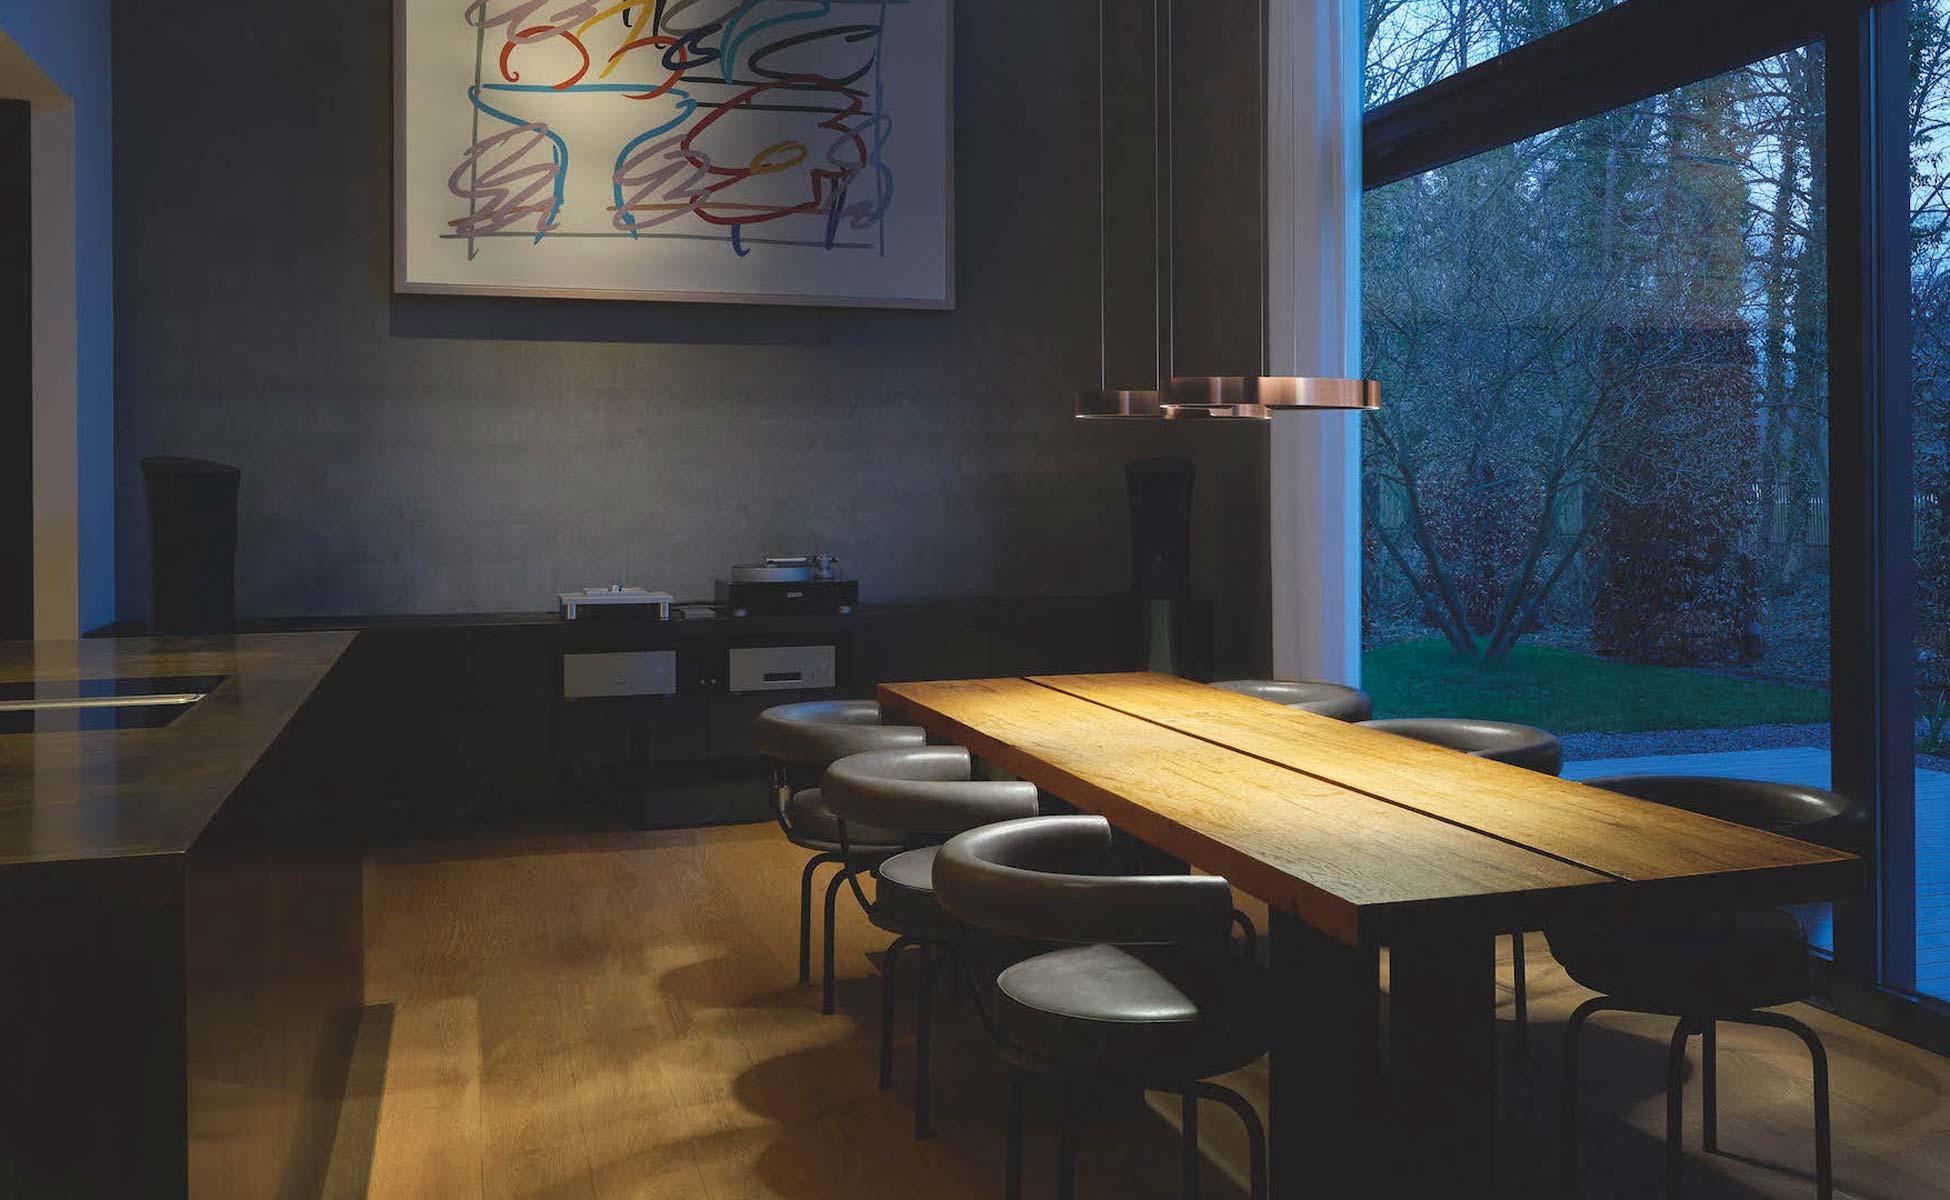 occhio mito leuchte berlin steidten einrichten mit. Black Bedroom Furniture Sets. Home Design Ideas